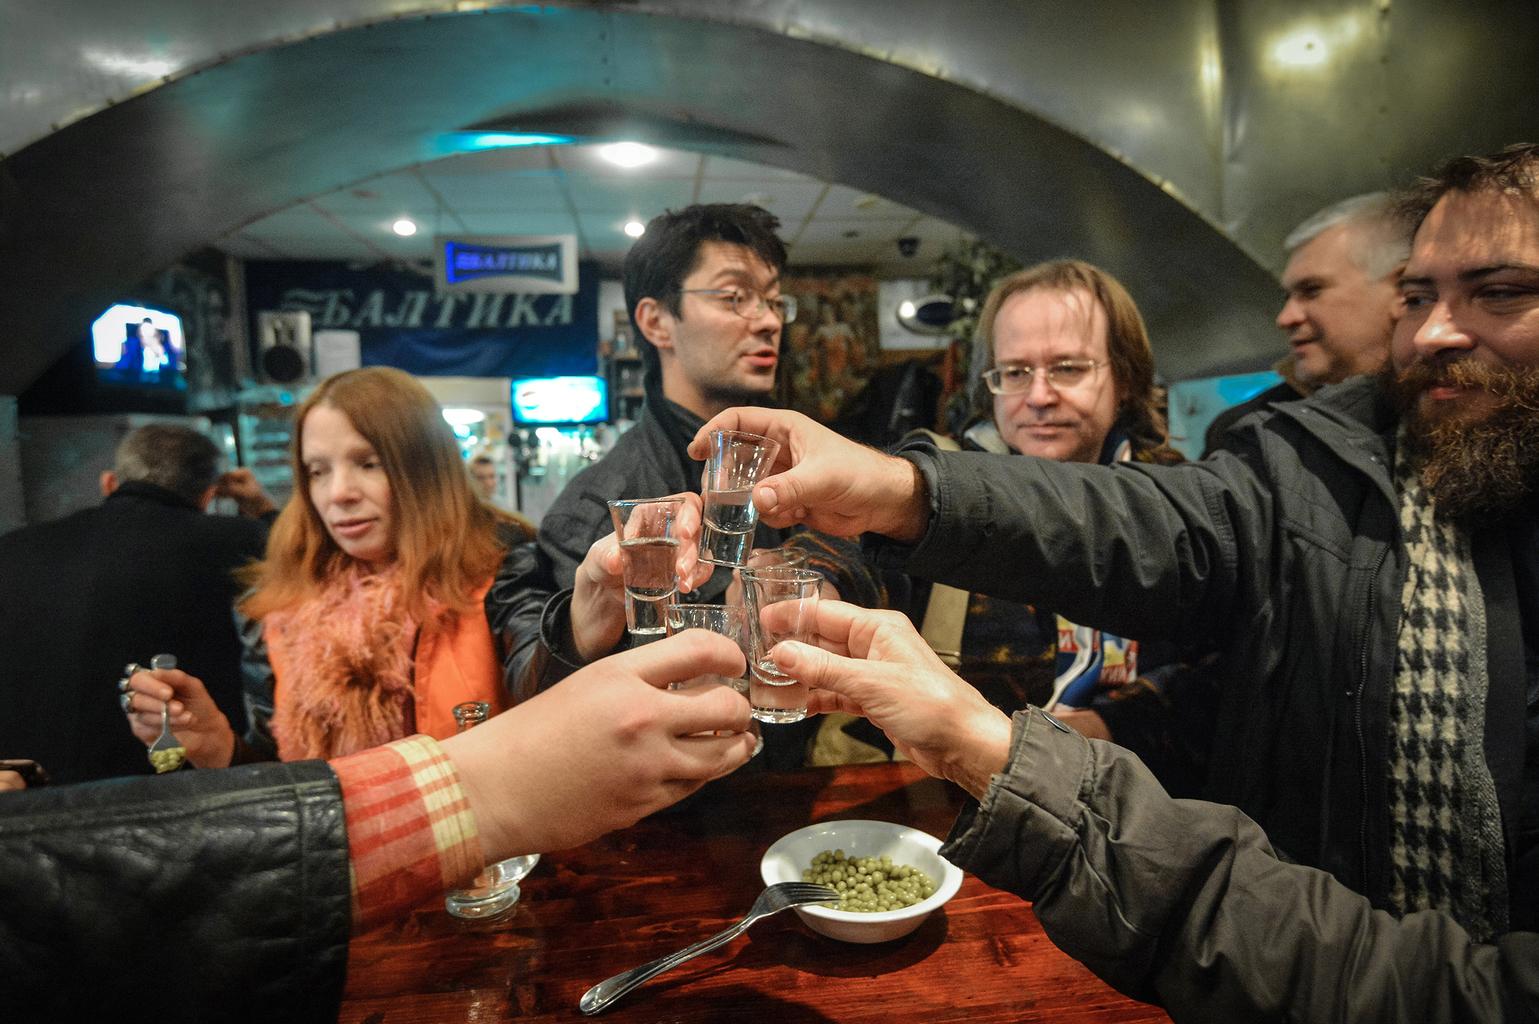 a világon az oroszokat tartják az egyik legiszákosabb nemzetnek #moszkvater